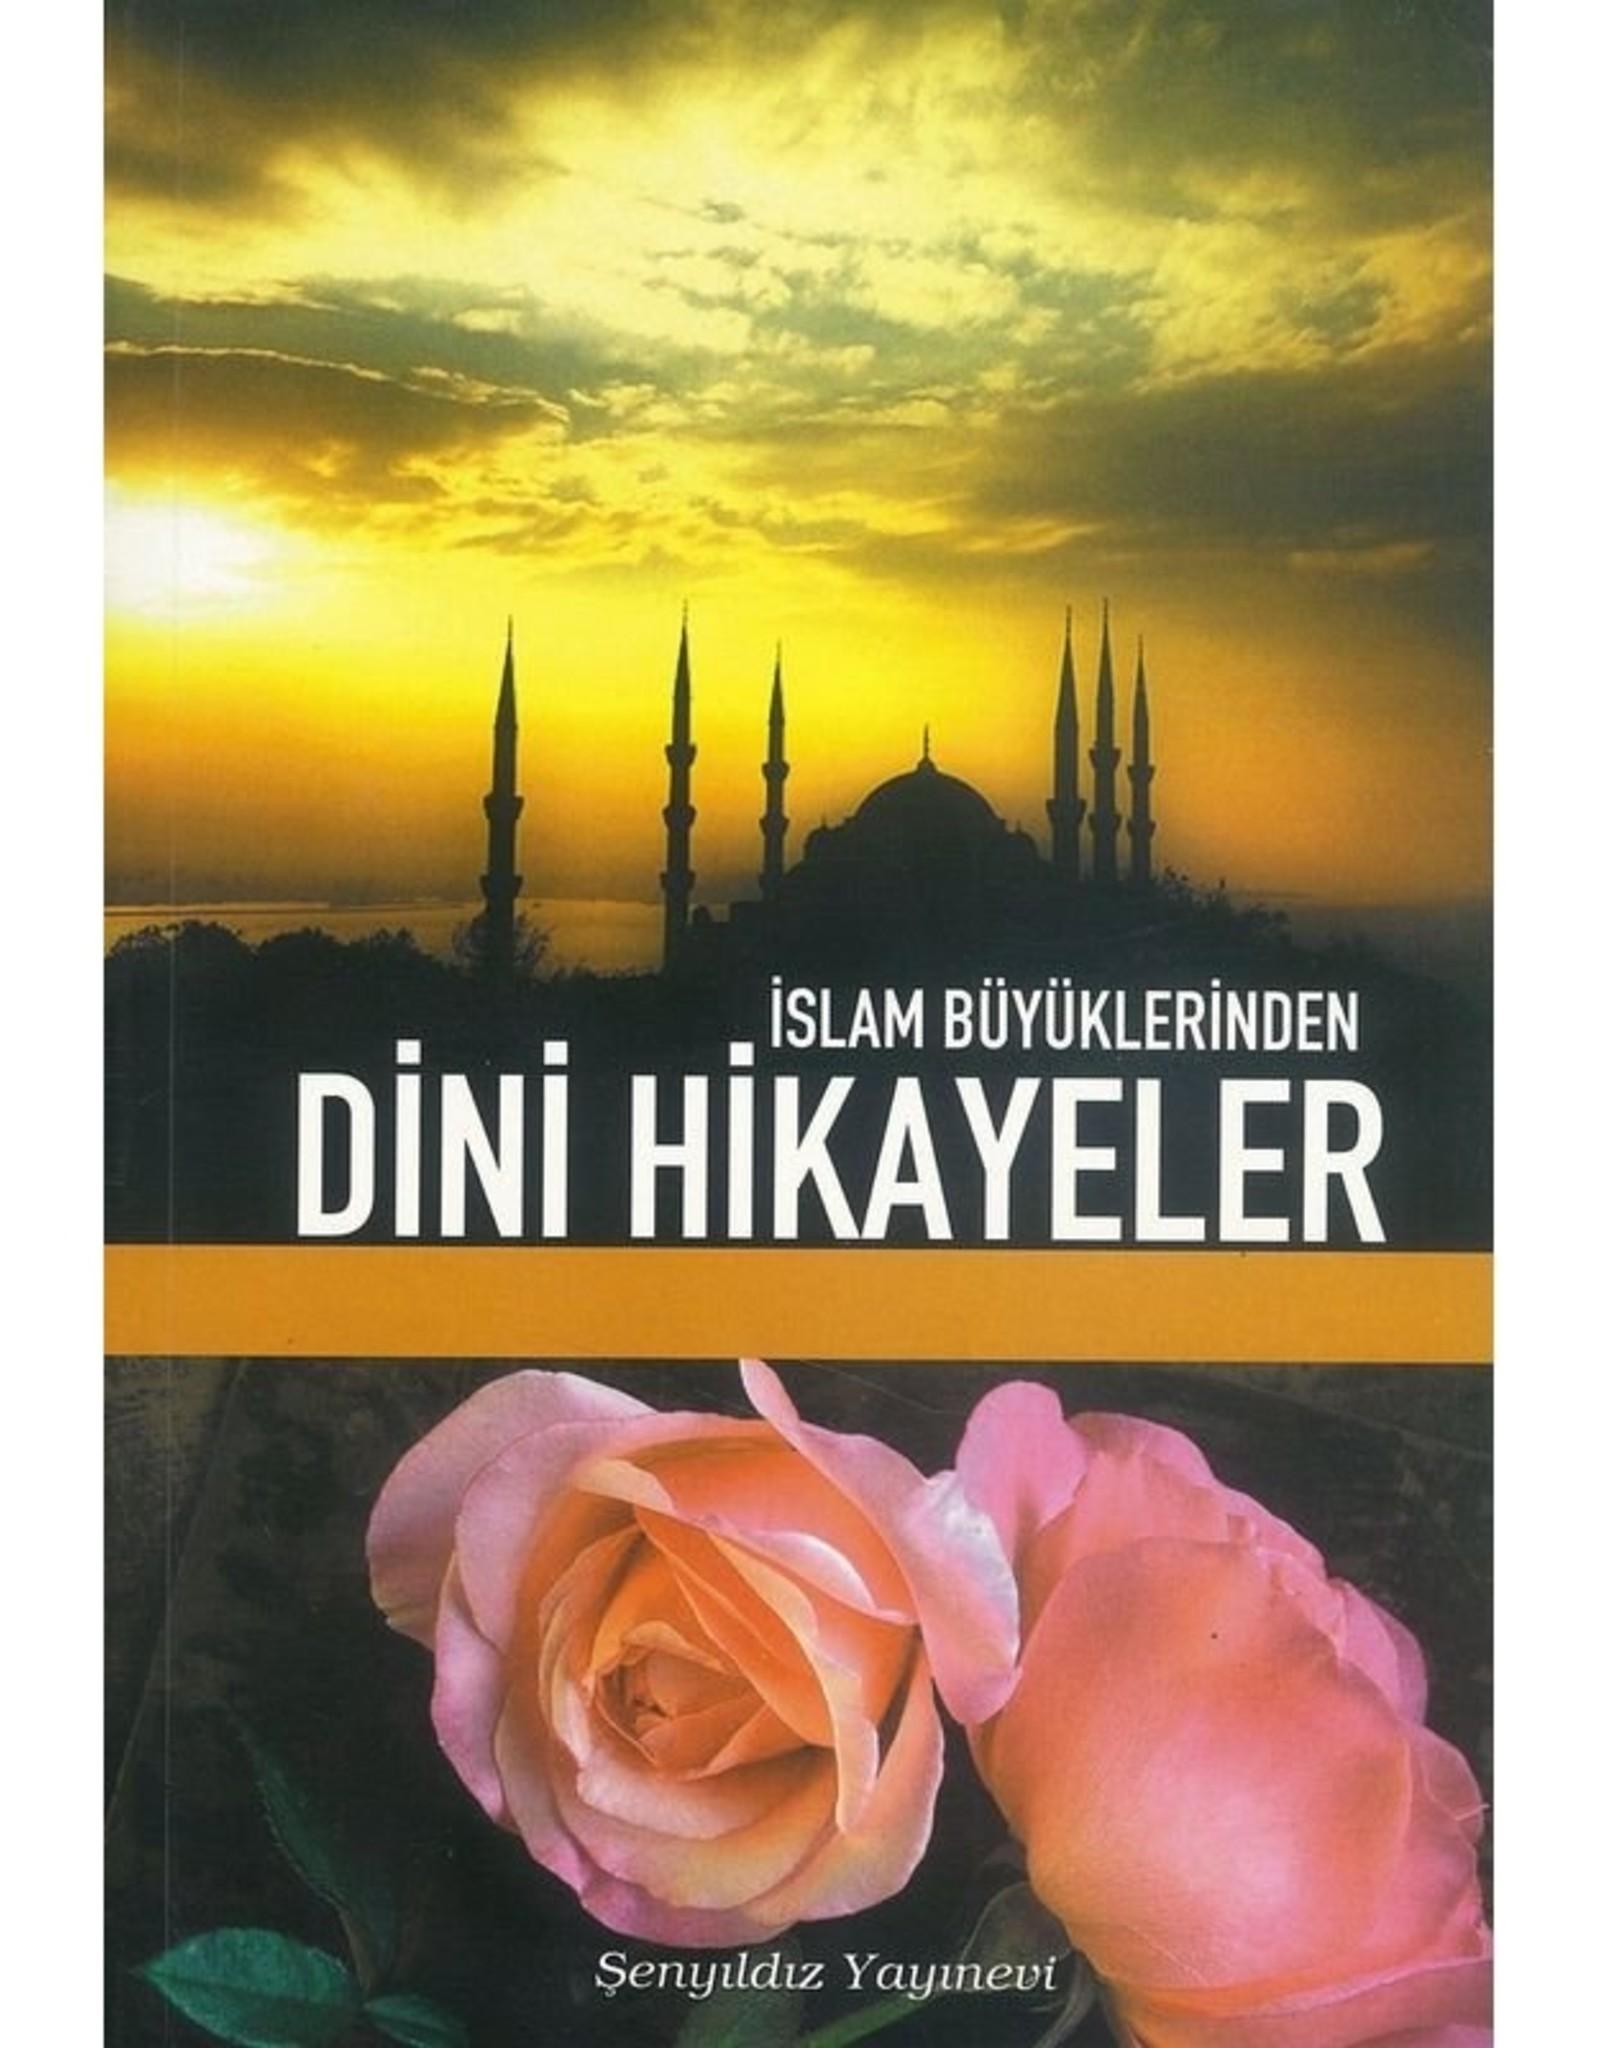 Islam Büyüklerinden Dini Hikayeler